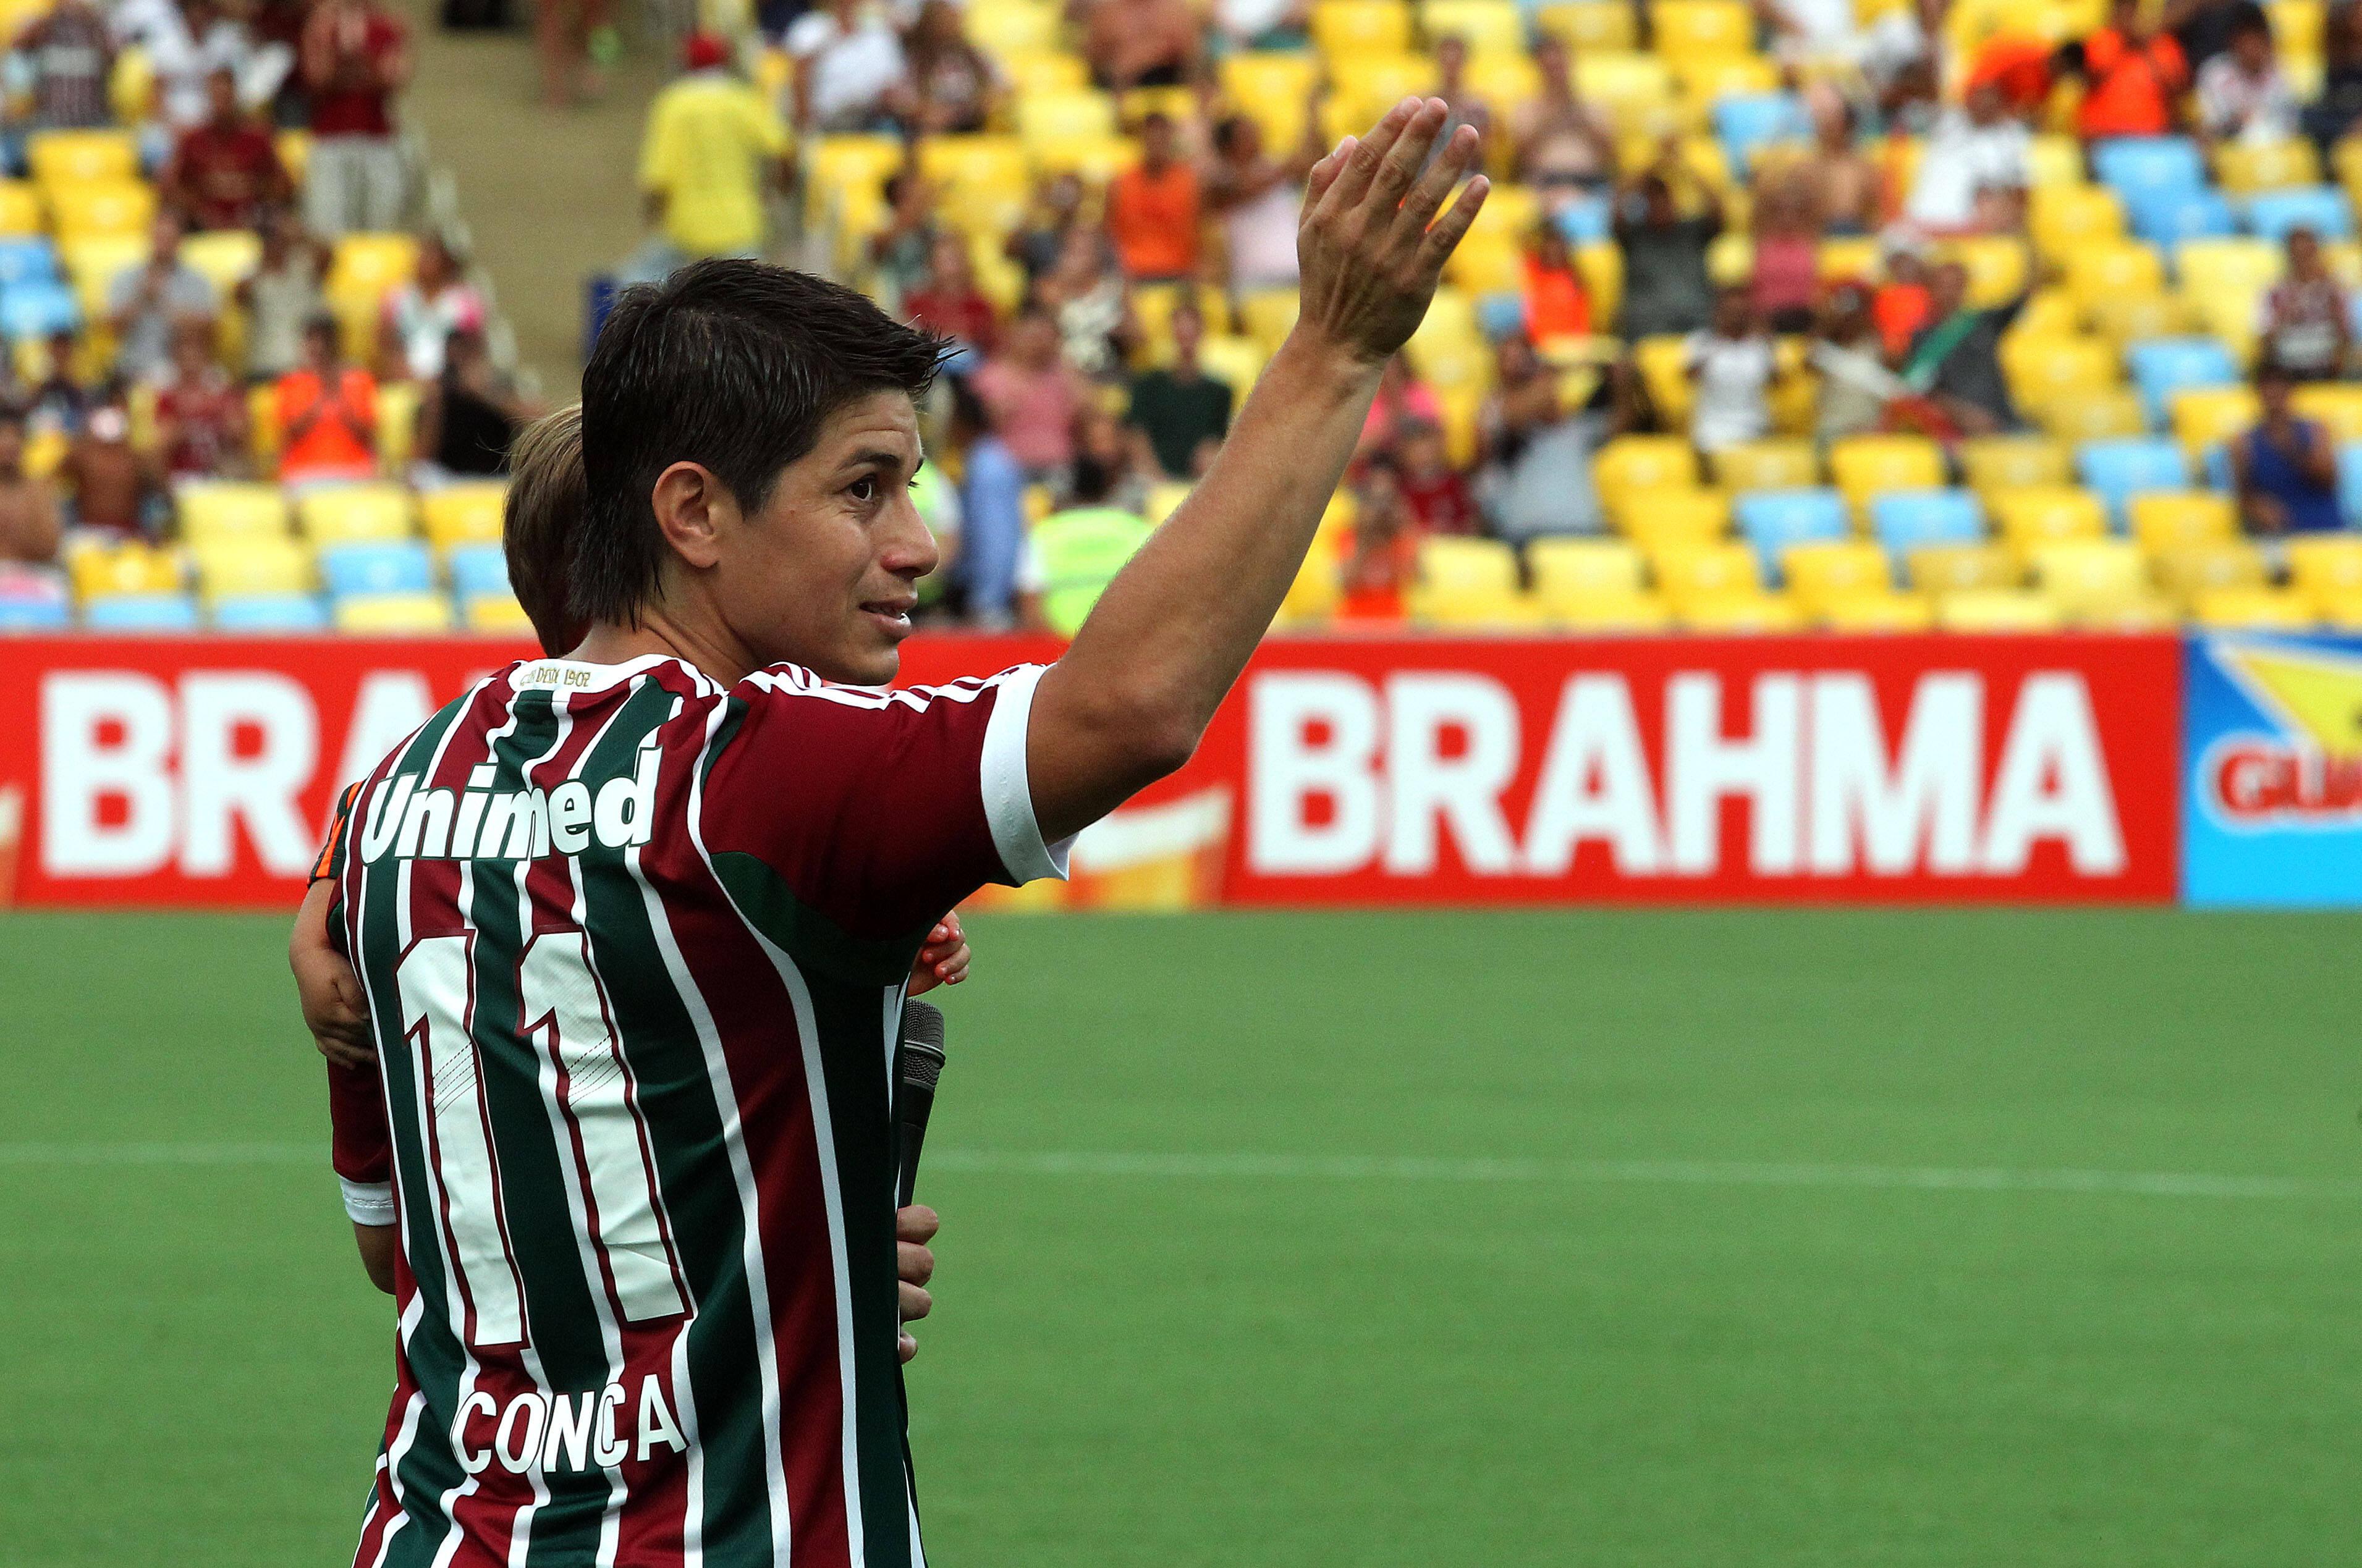 Foto: Flickr/Fluminense